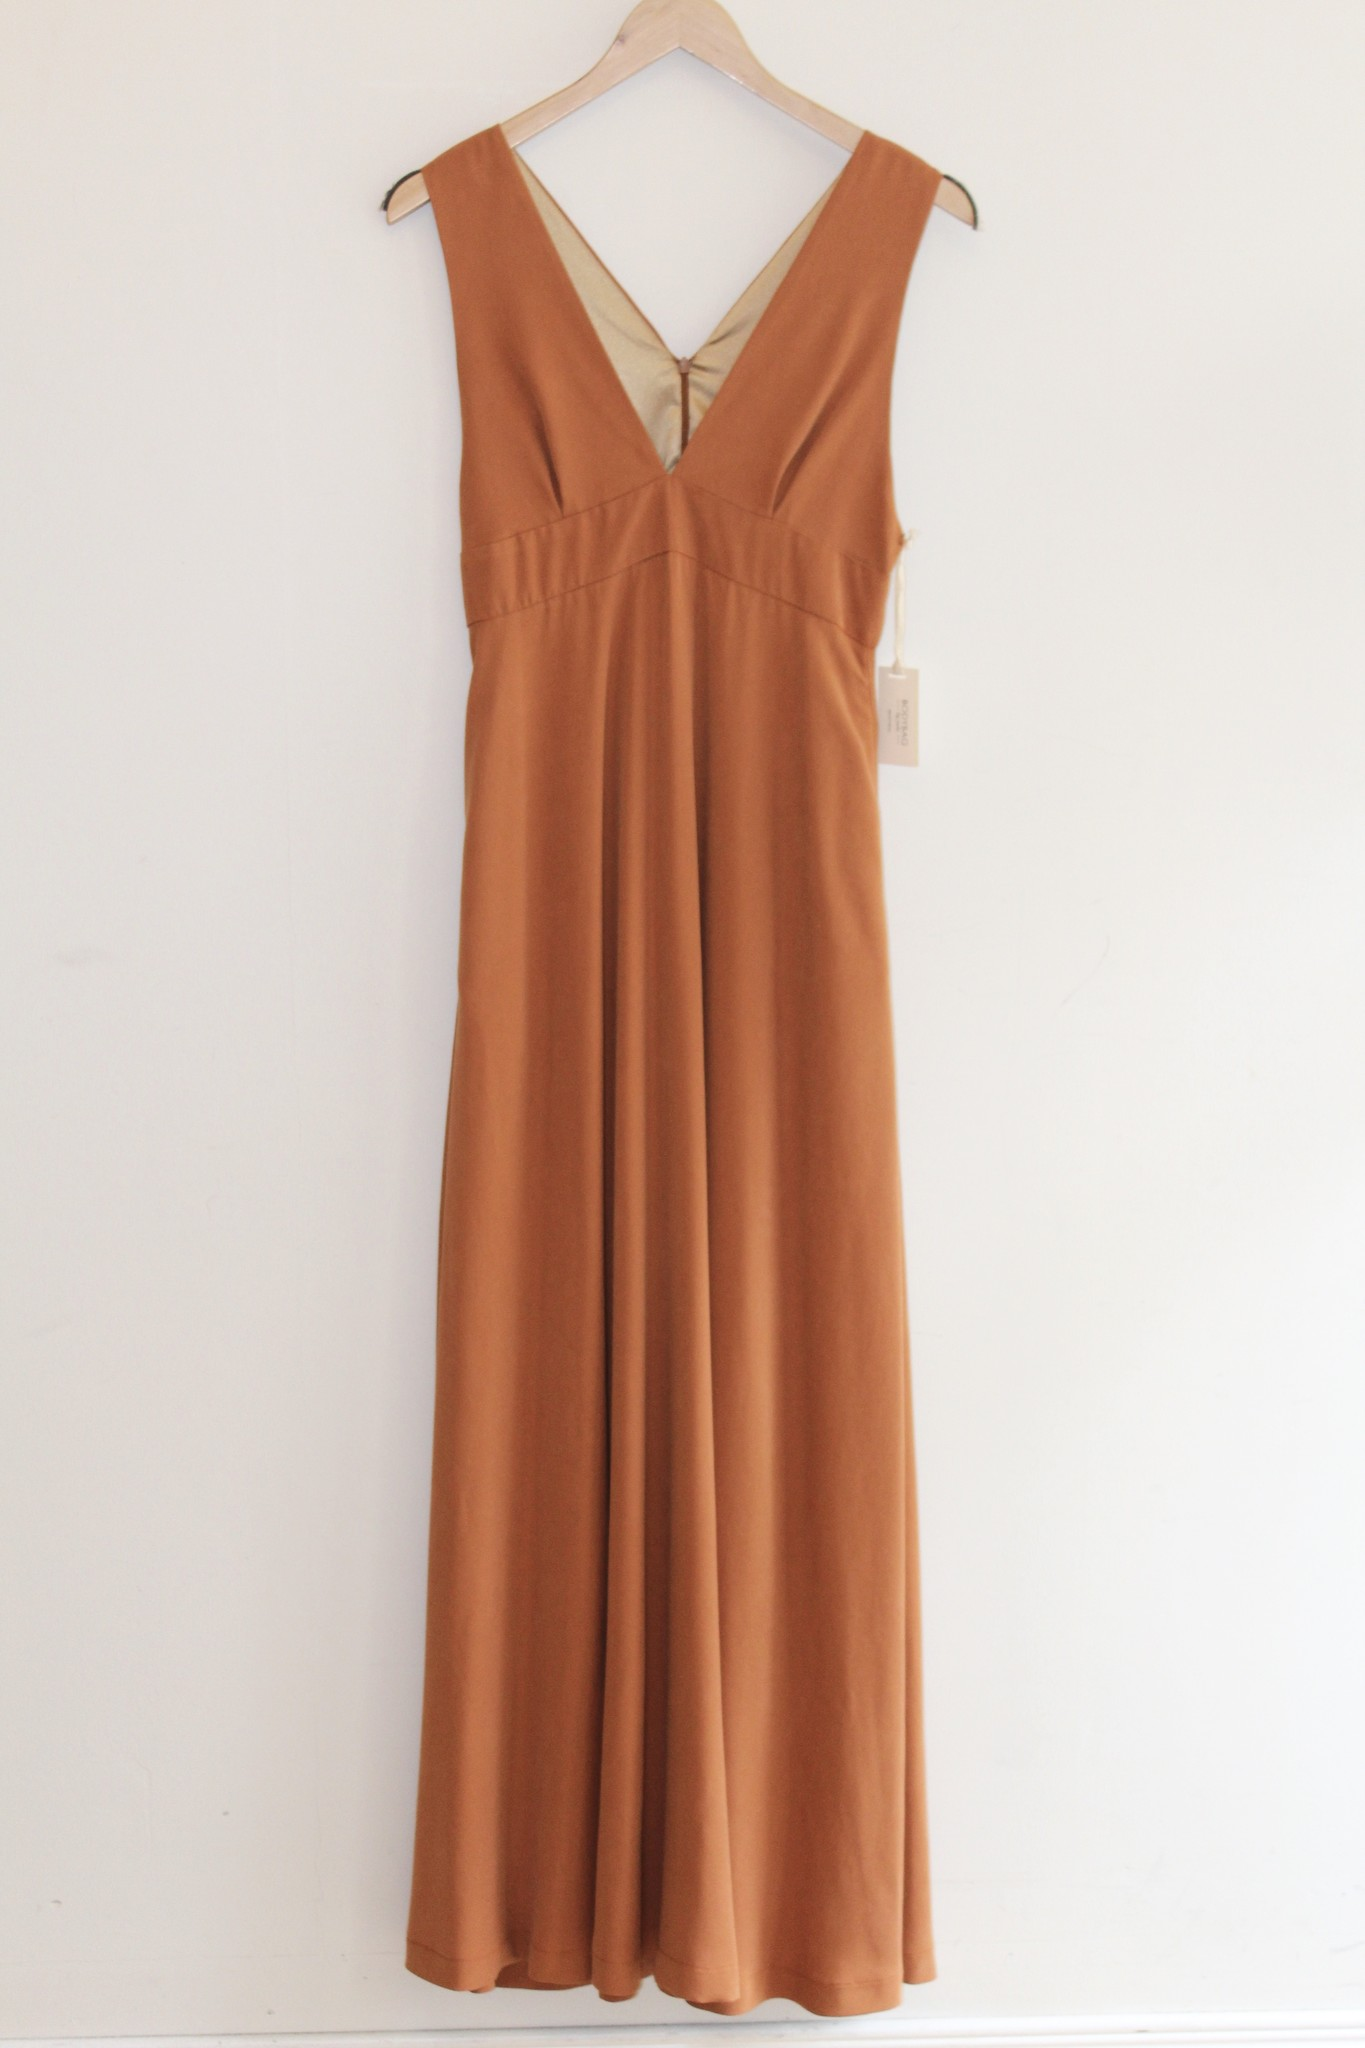 fe0a95f1e2 Long Flowy Cupro Gown in 'Rust' - Kennedy Park